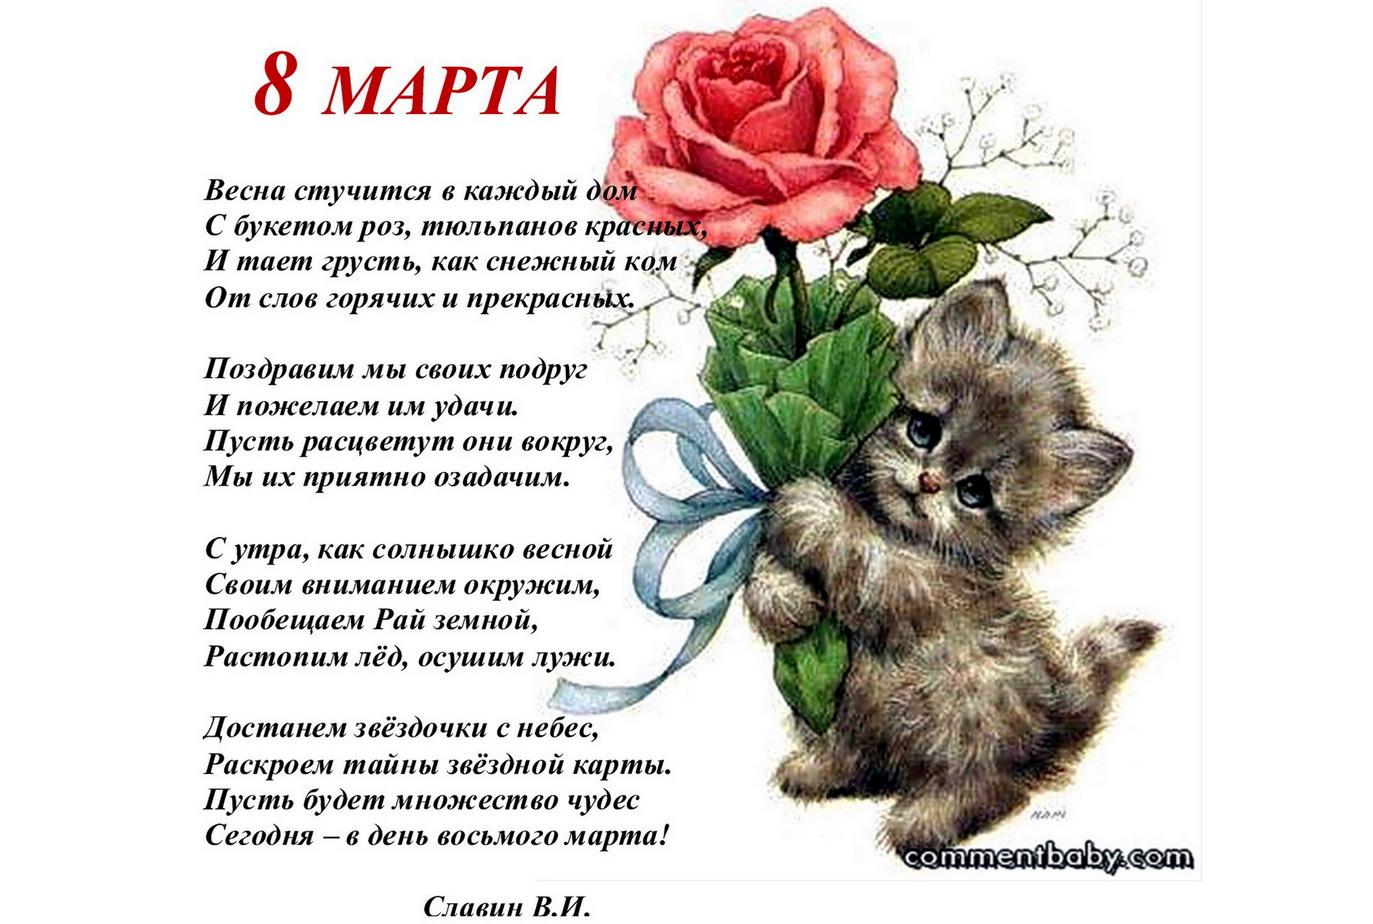 Картинки и открытки для Одноклассников: ОДНОКАРТИНКИ 31